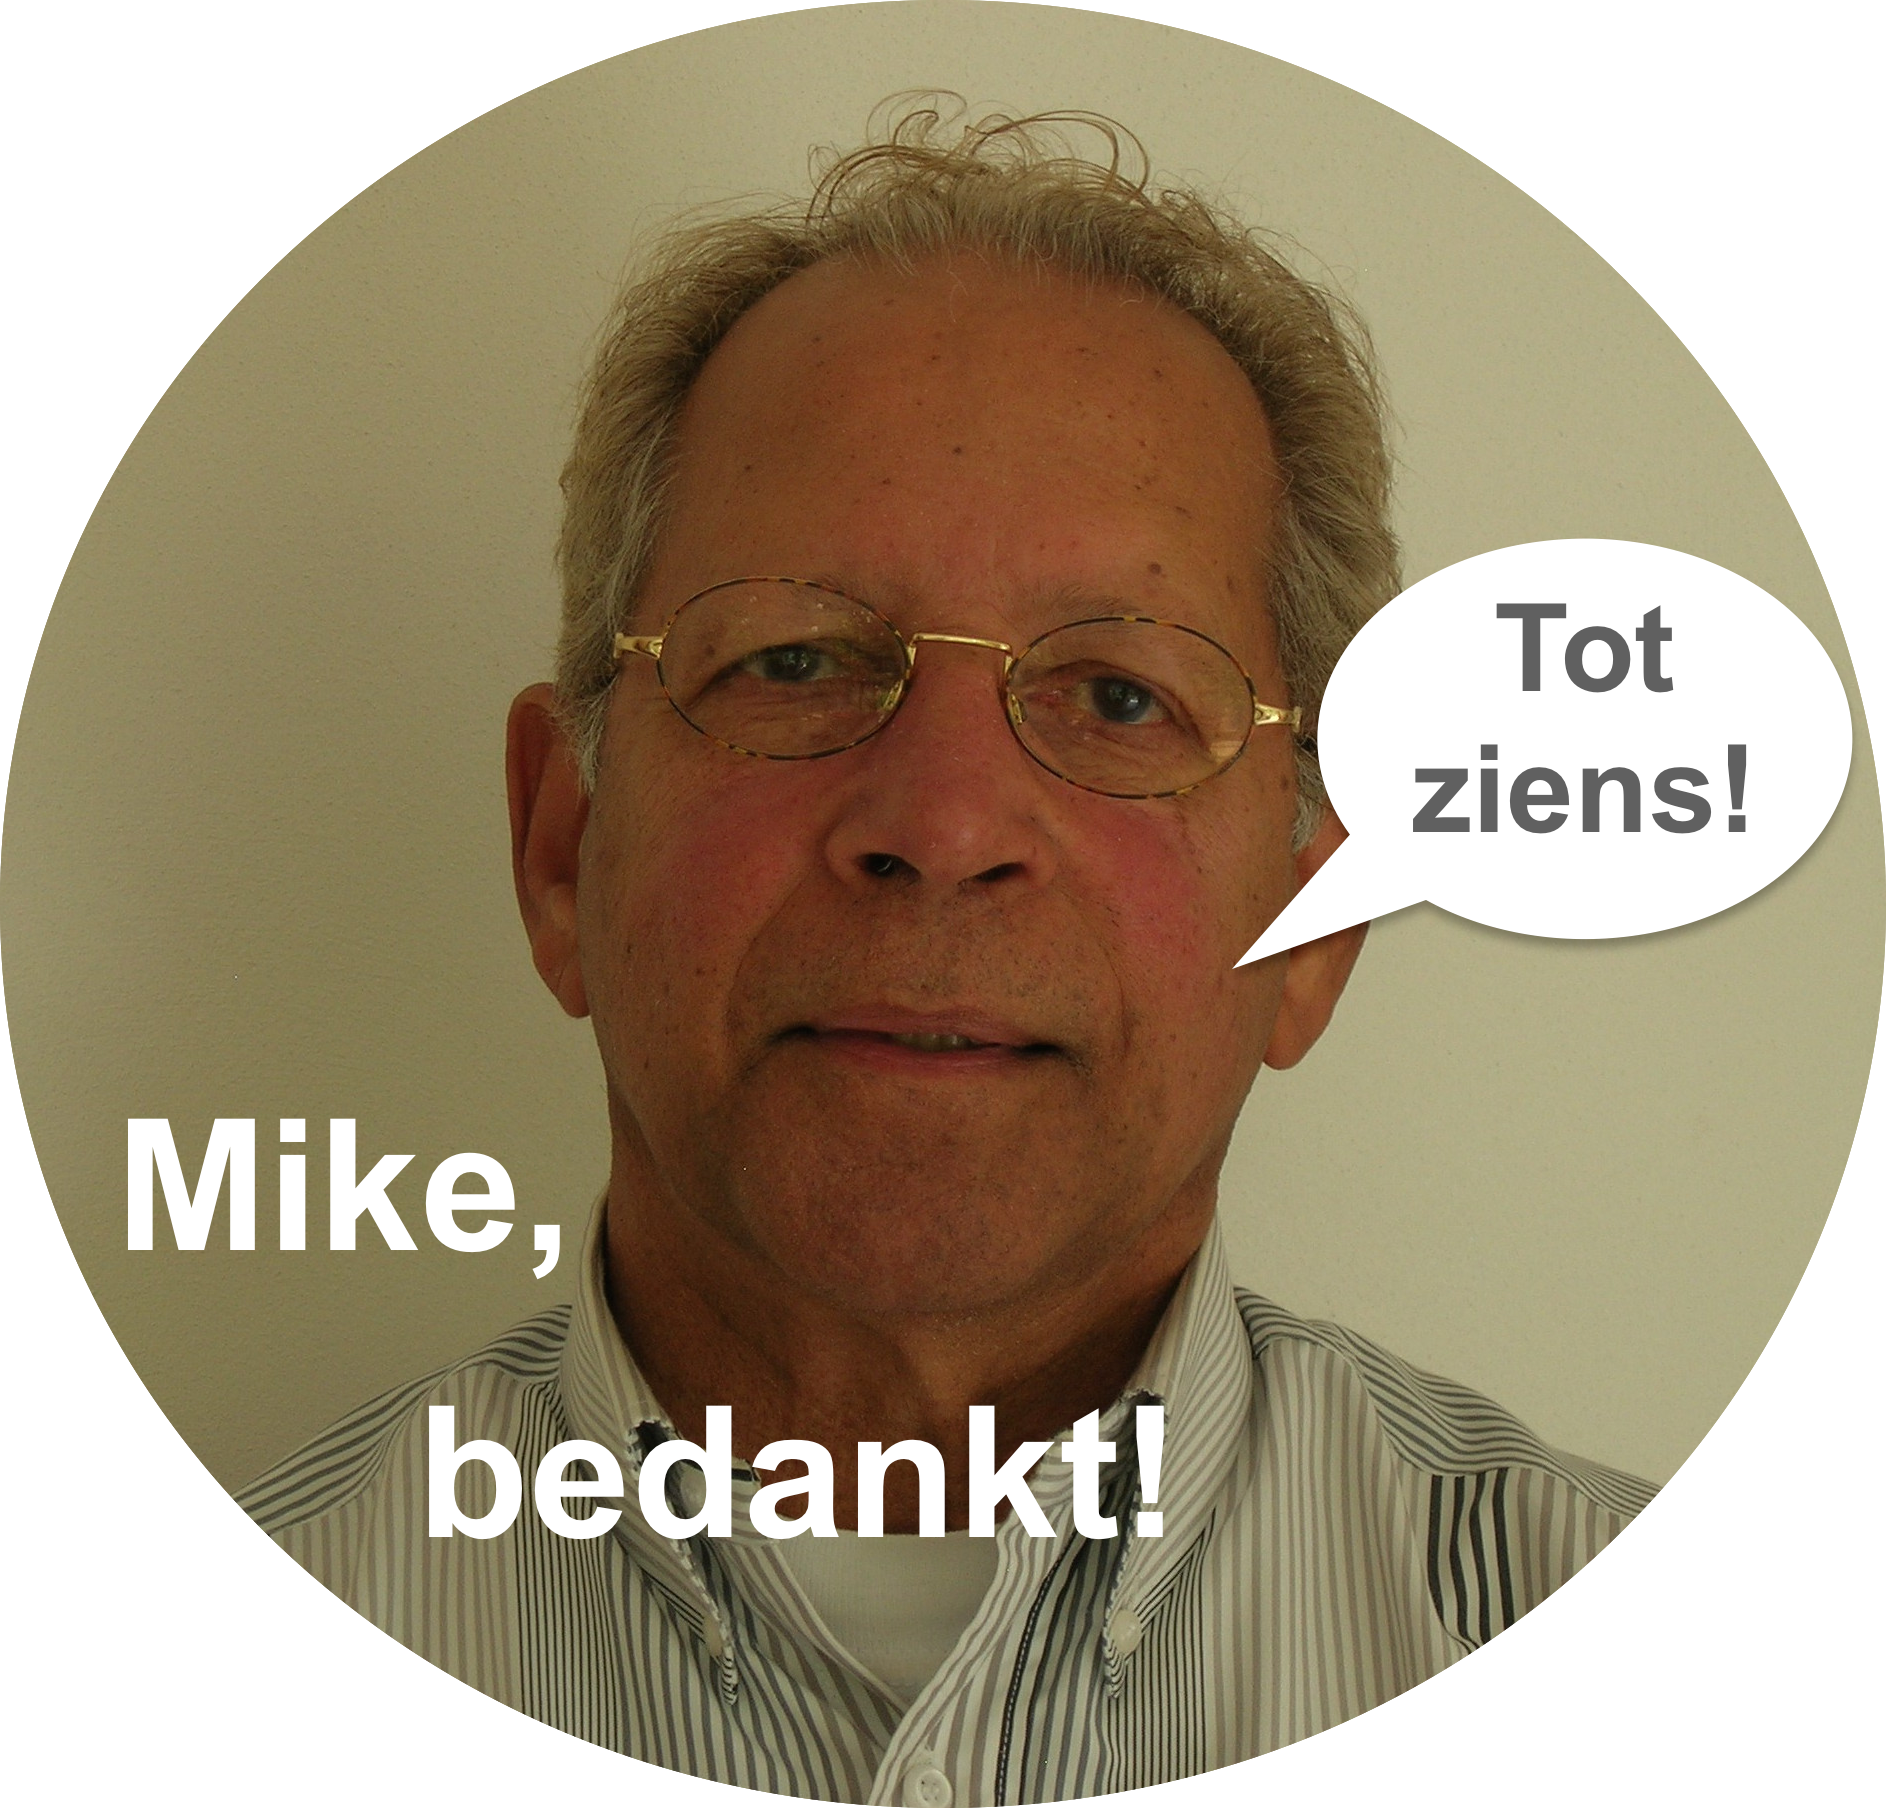 Afscheid Mike